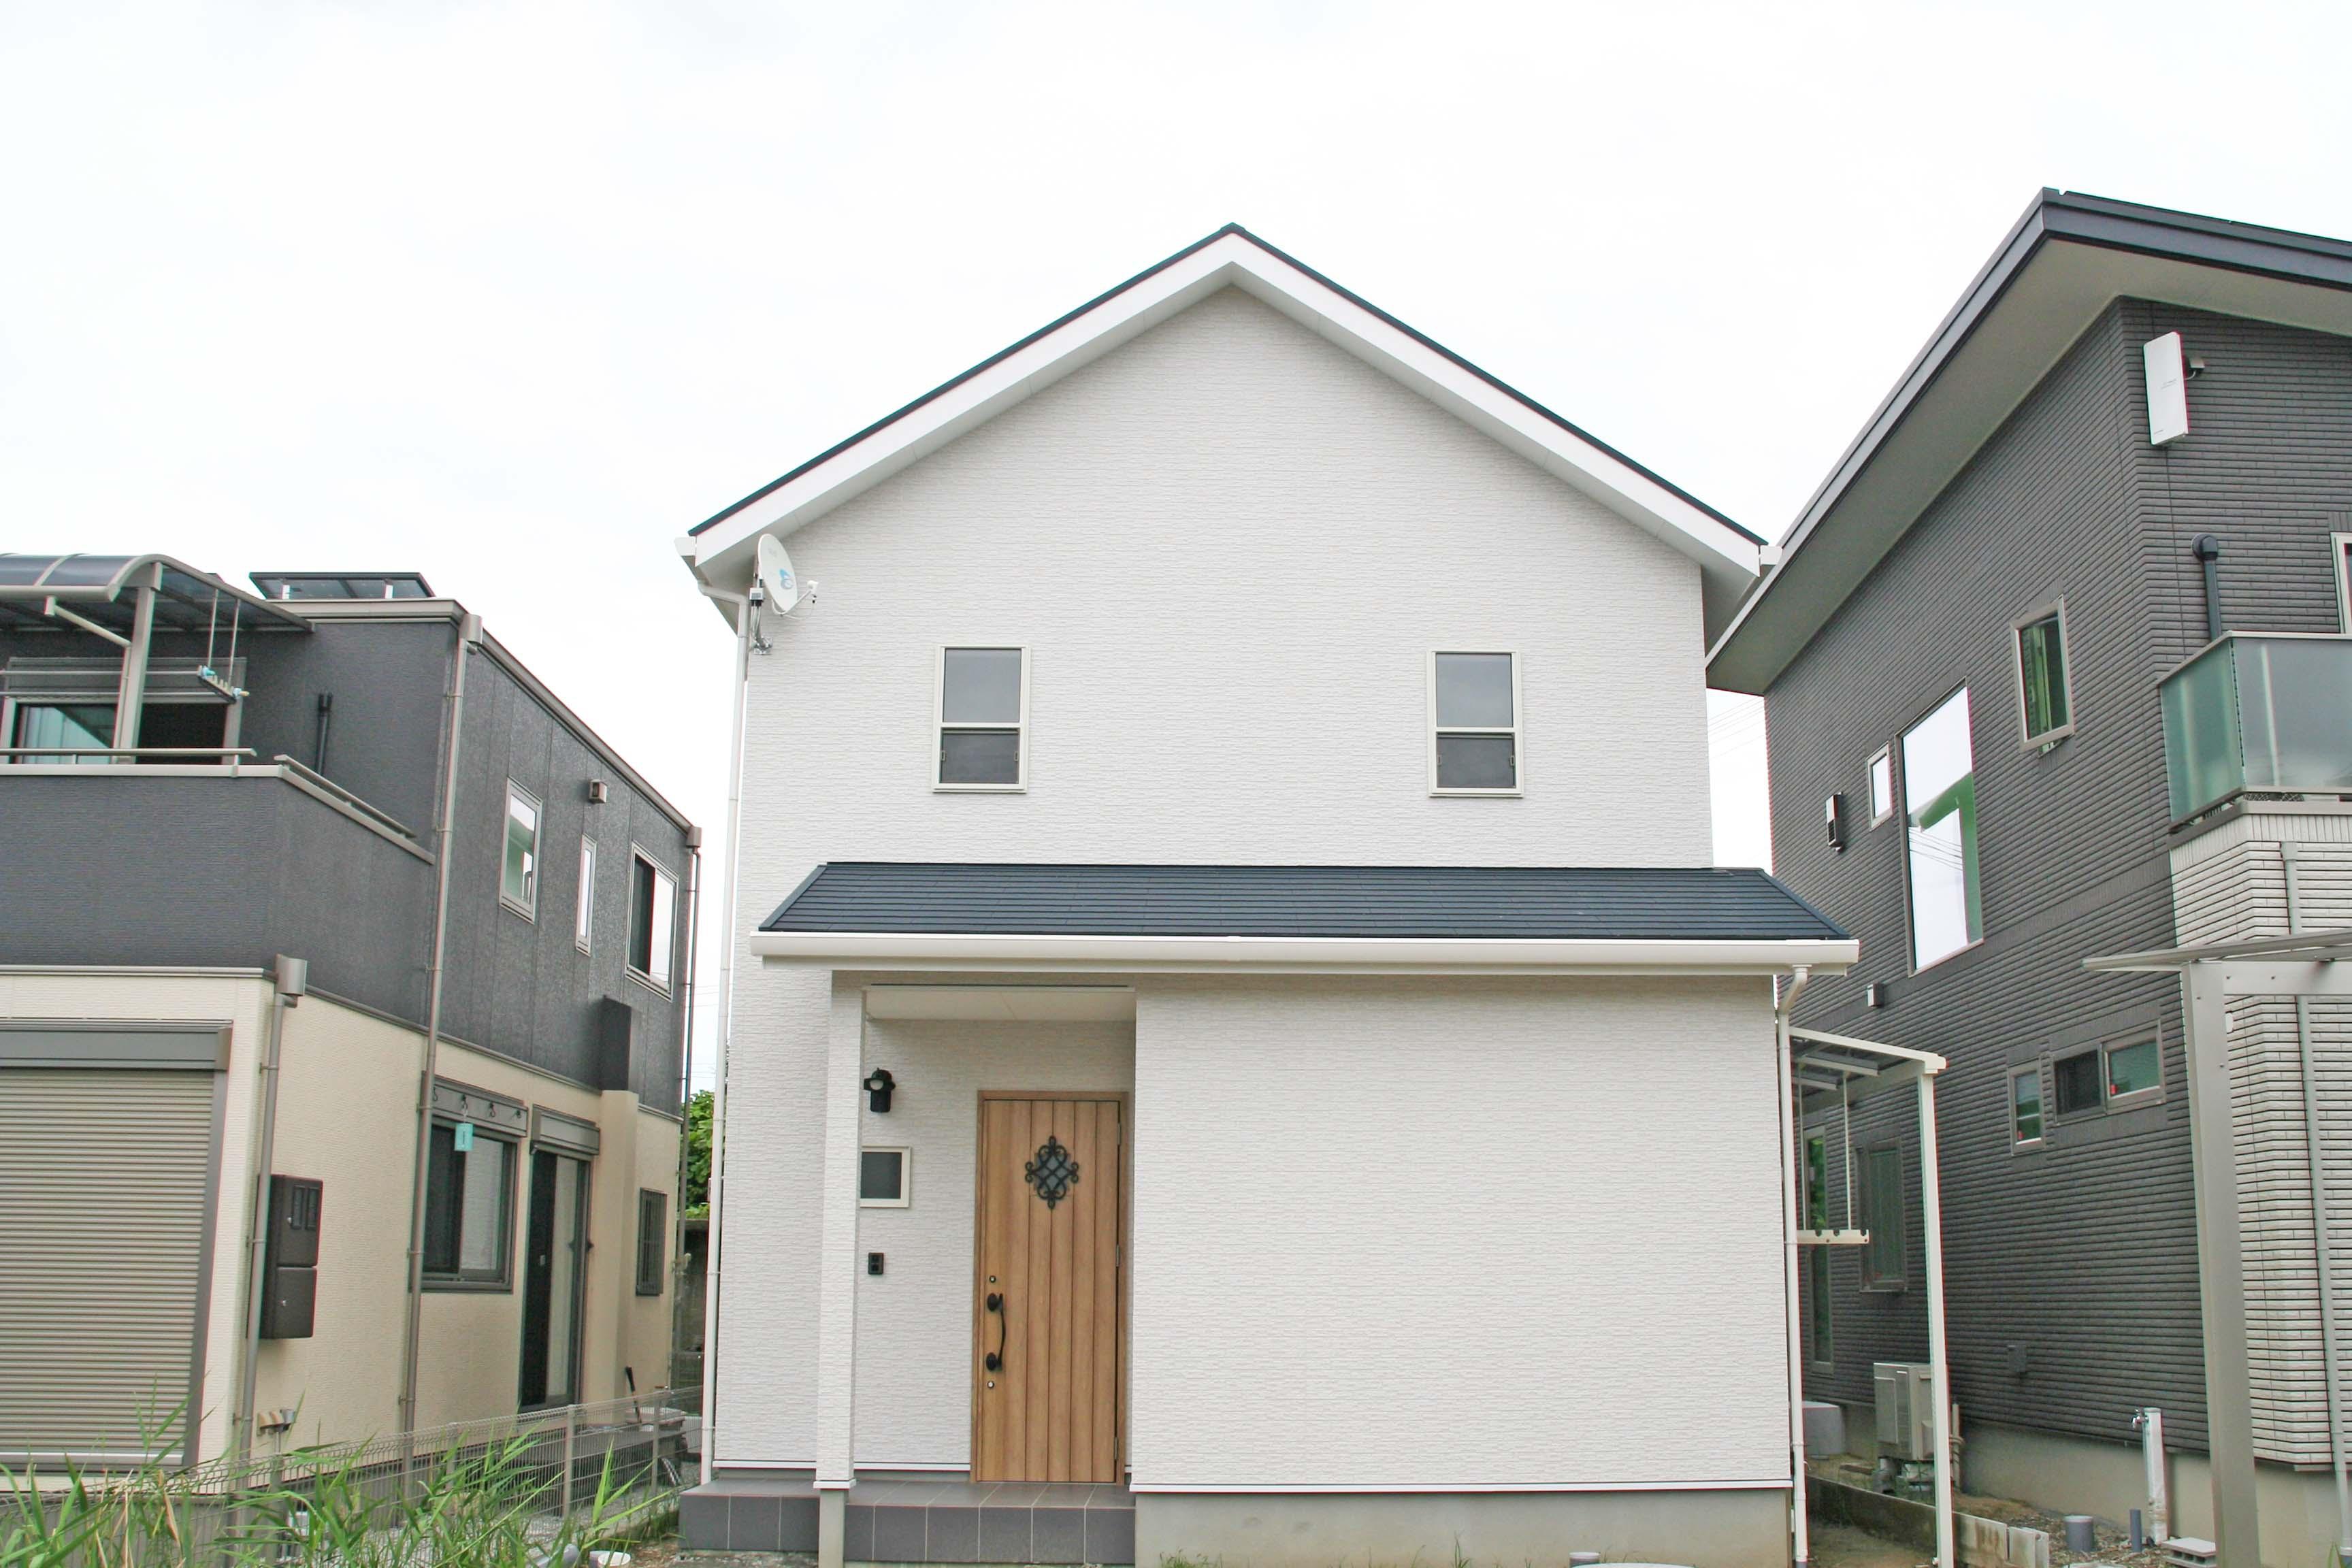 堺市K様邸の画像。近代的な四角い家。